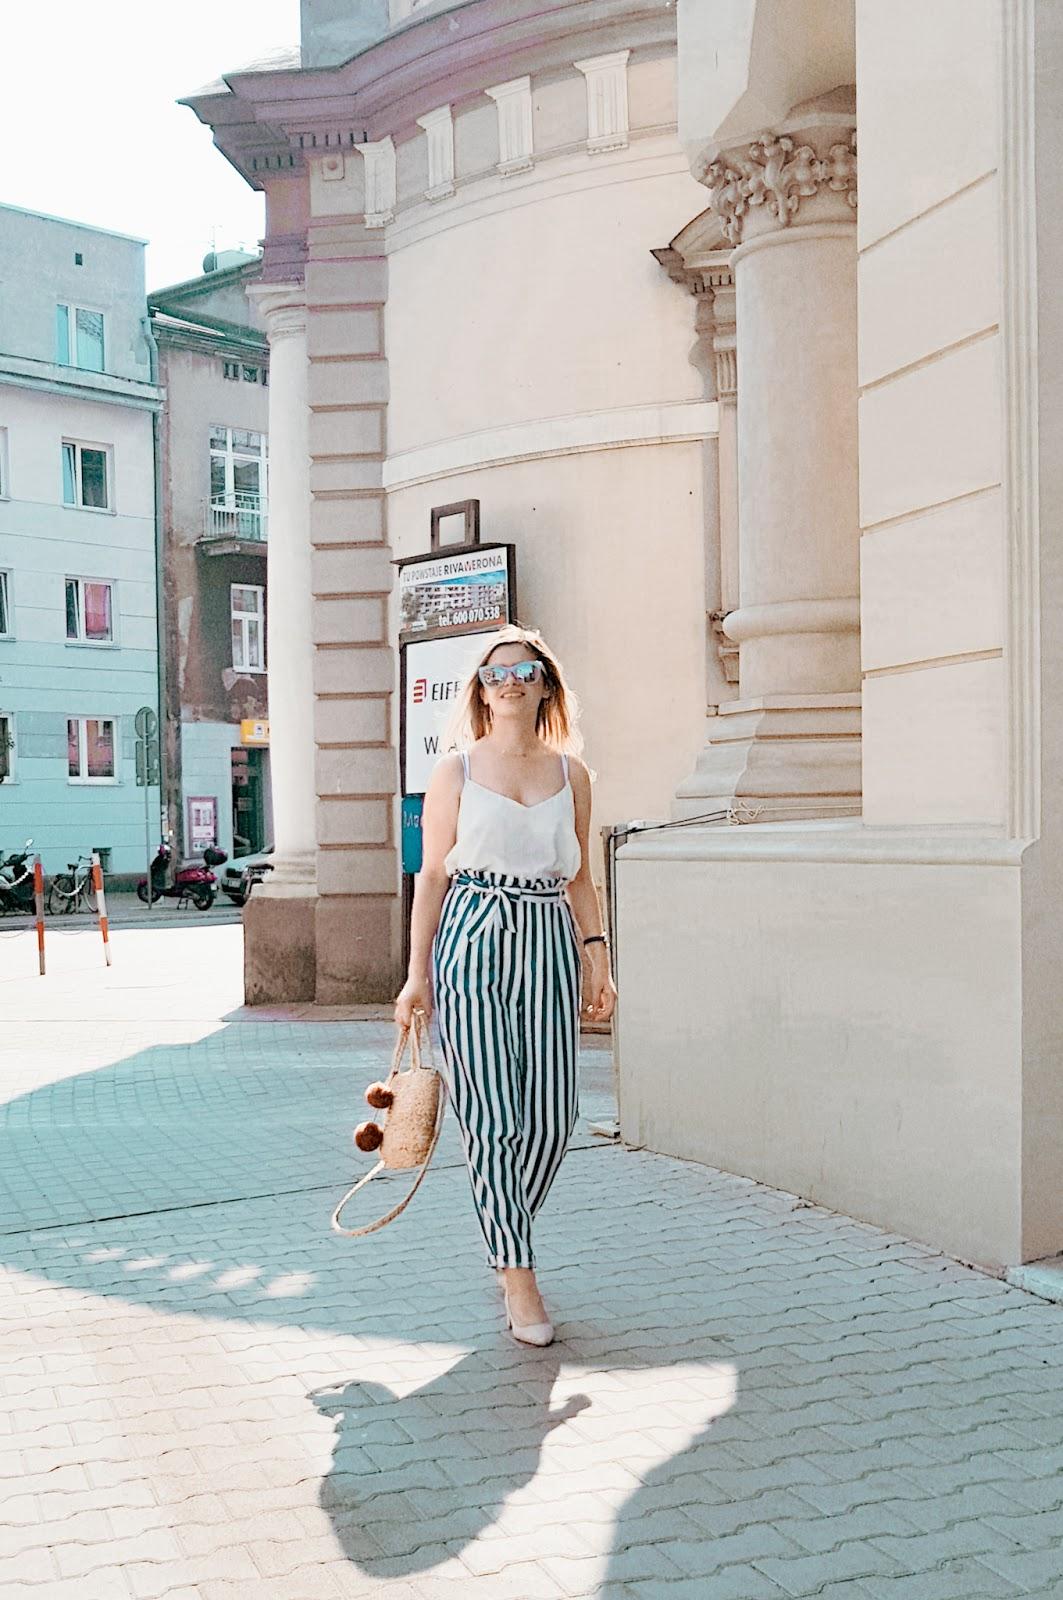 Spodnie w pasy stylizacja